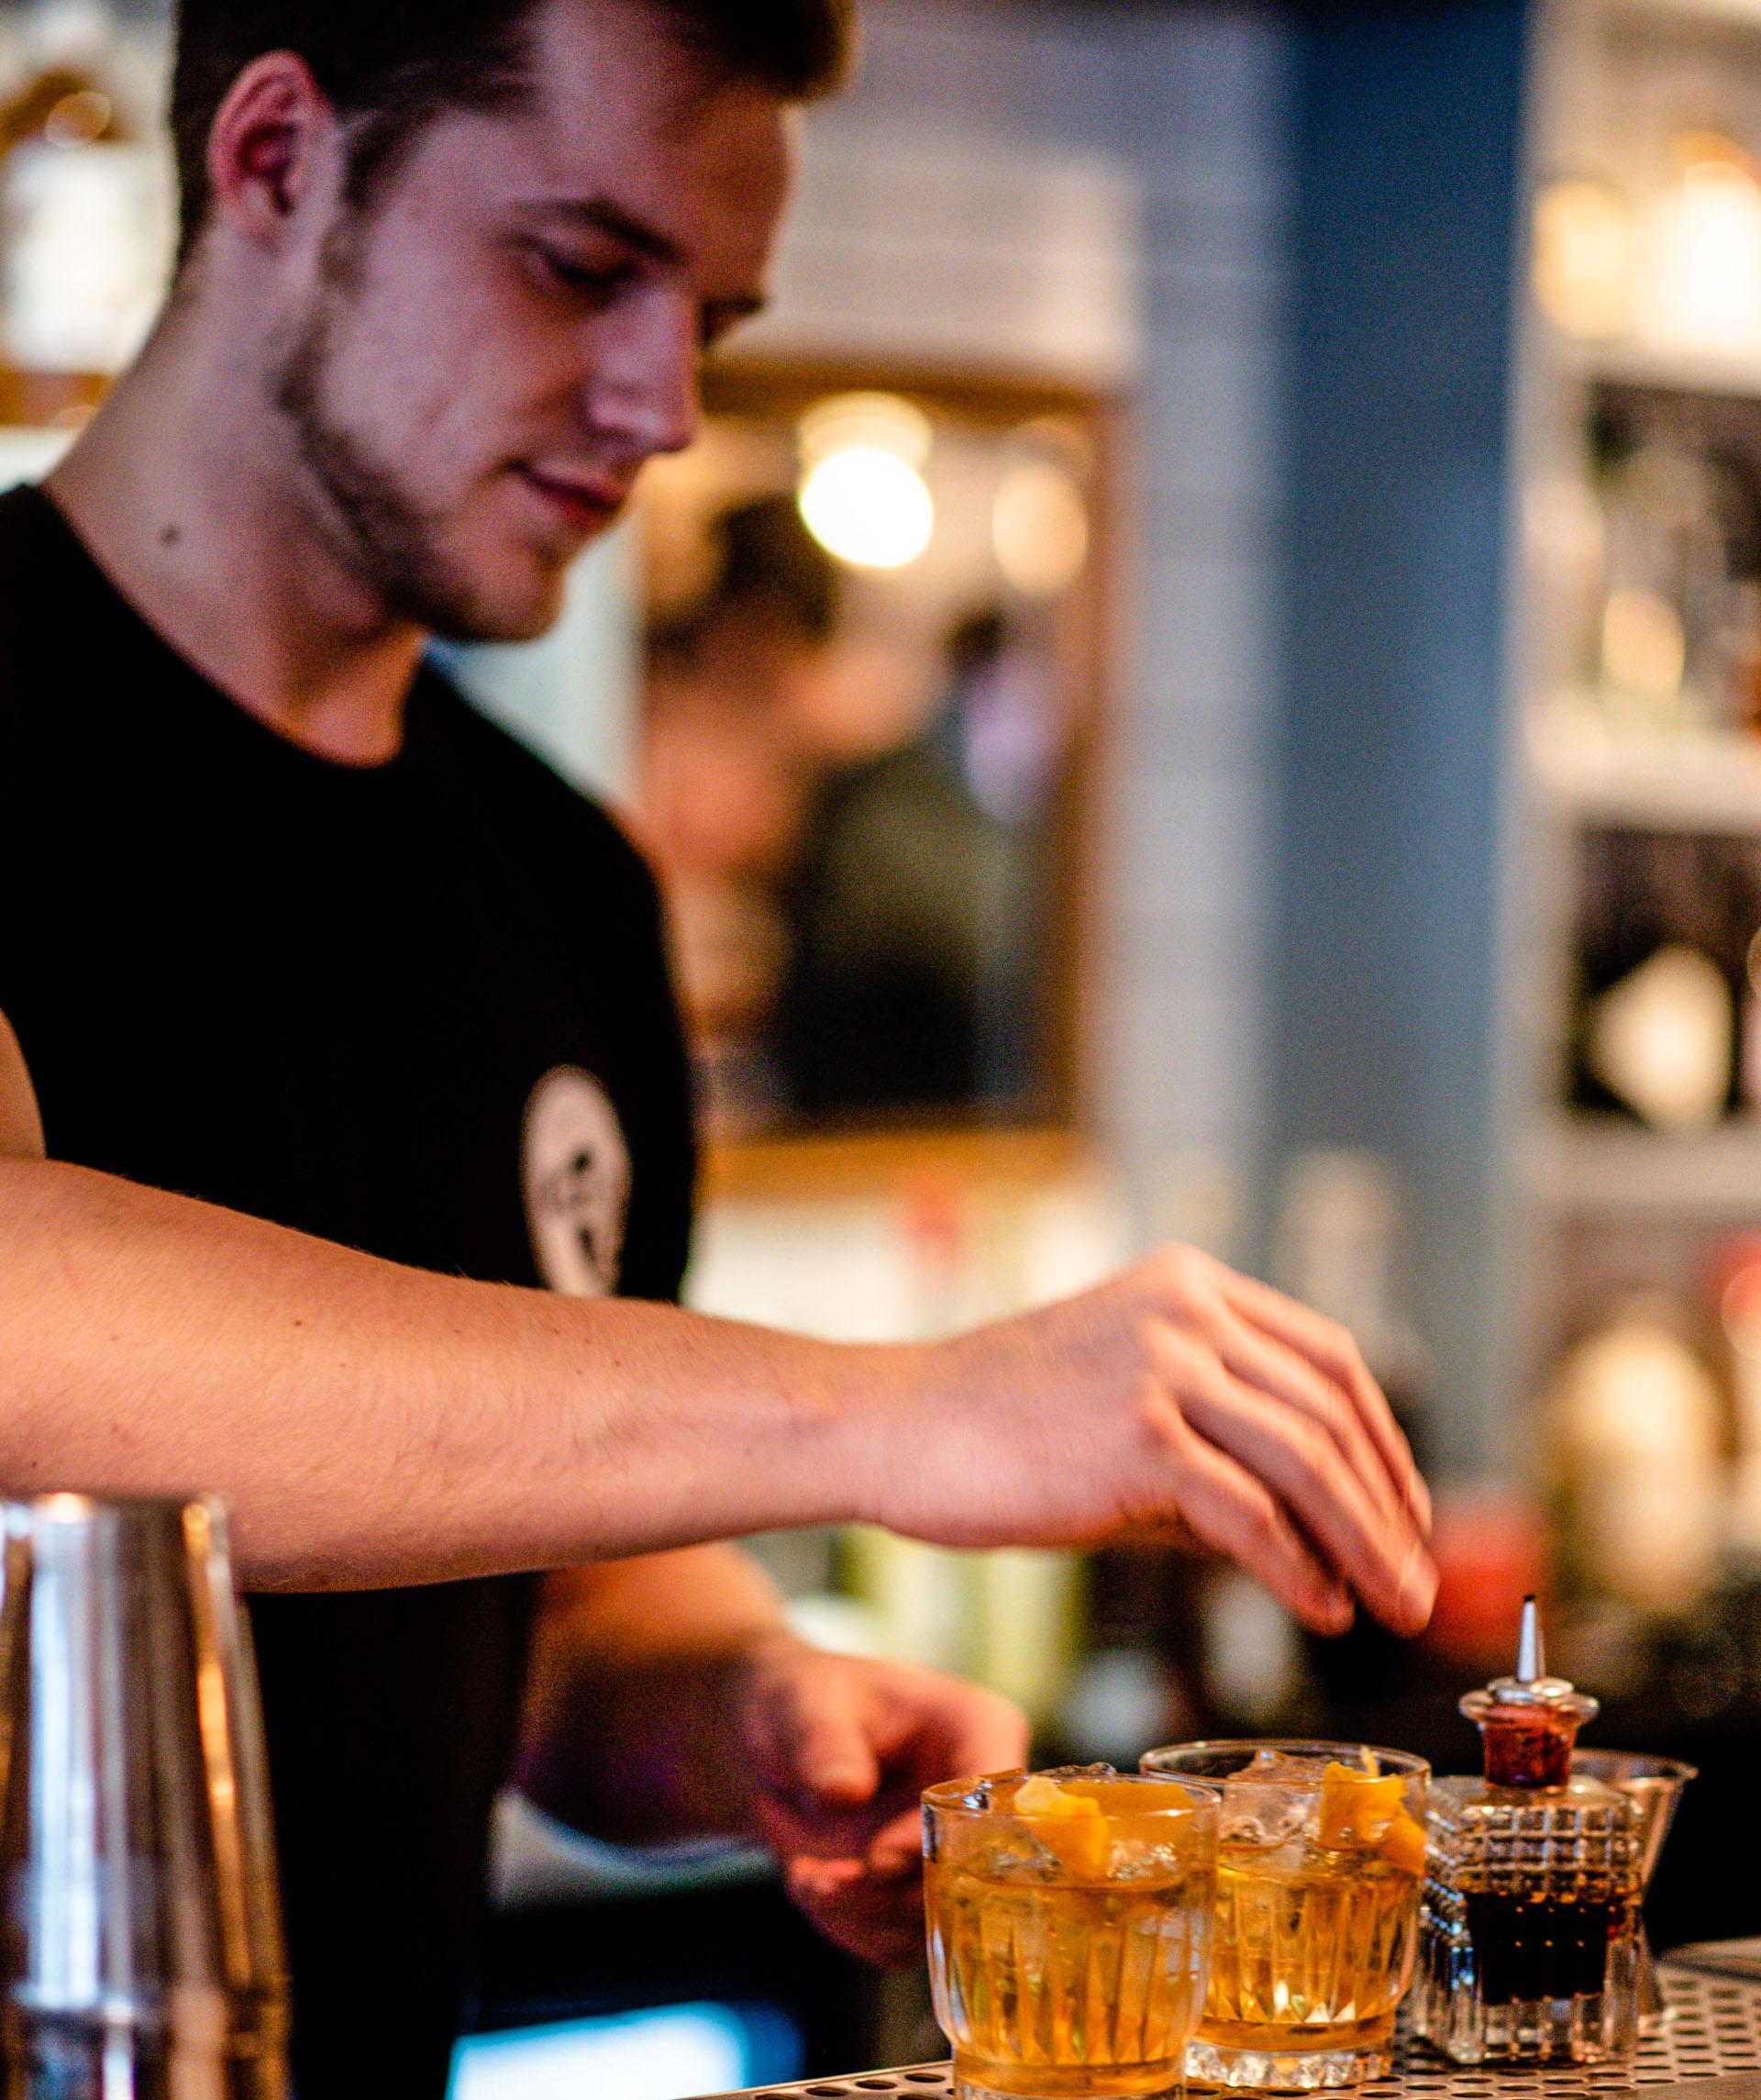 Et scoop: Verdenskendte bartendere bag ny cocktailmenu på Cock's & Cows